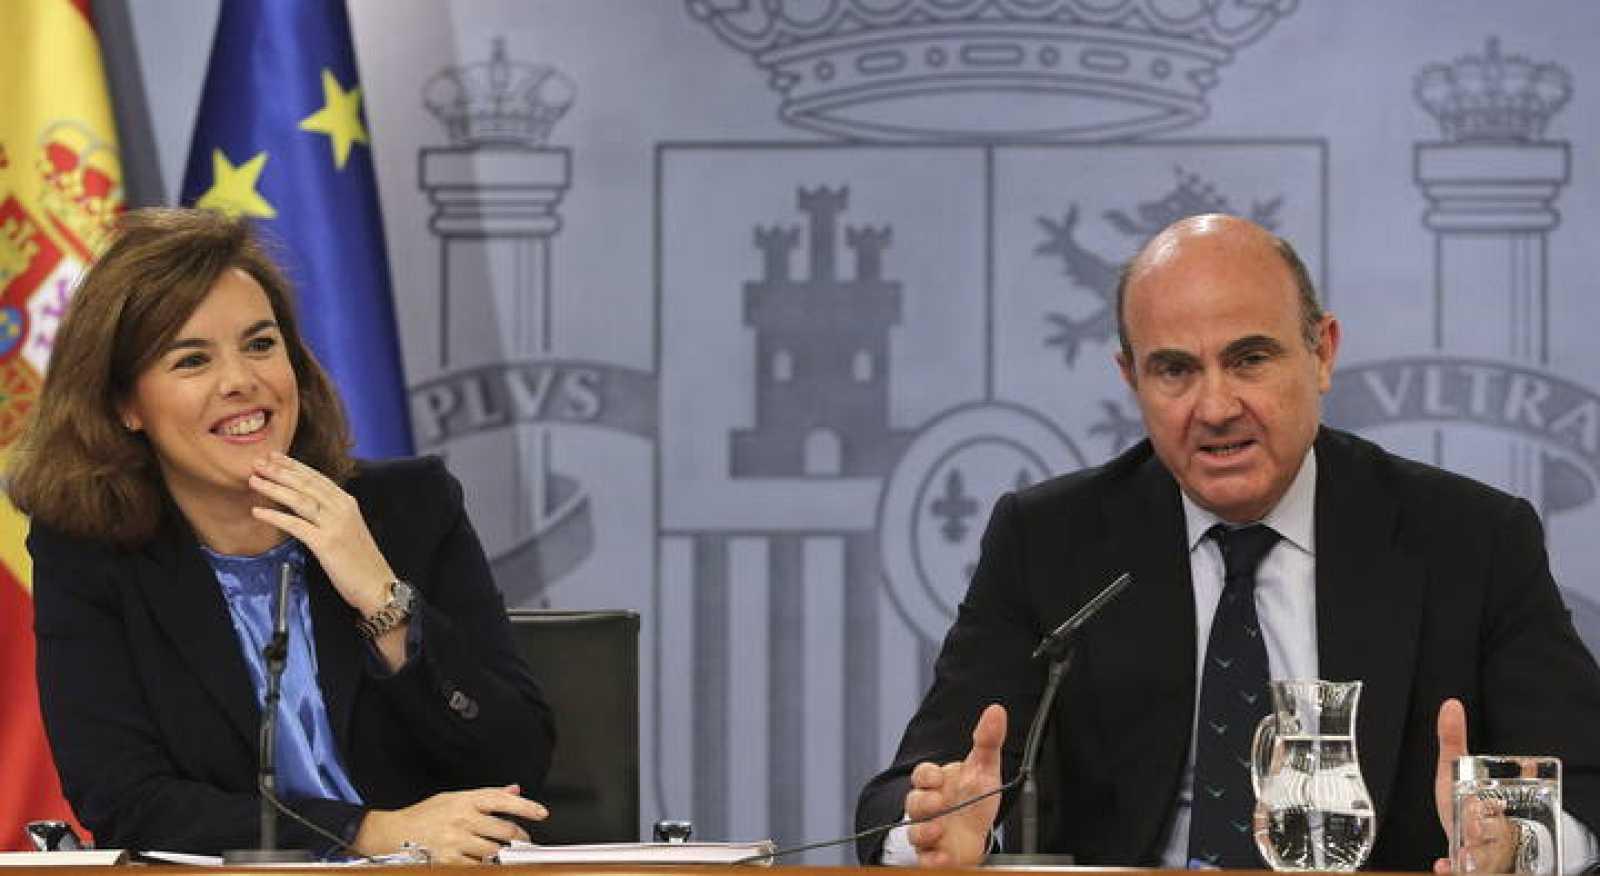 La vicepresidenta del Gobierno, Soraya Sáenz de Santamaría, y el ministro de Economía y Competitividad, Luis de Guindos